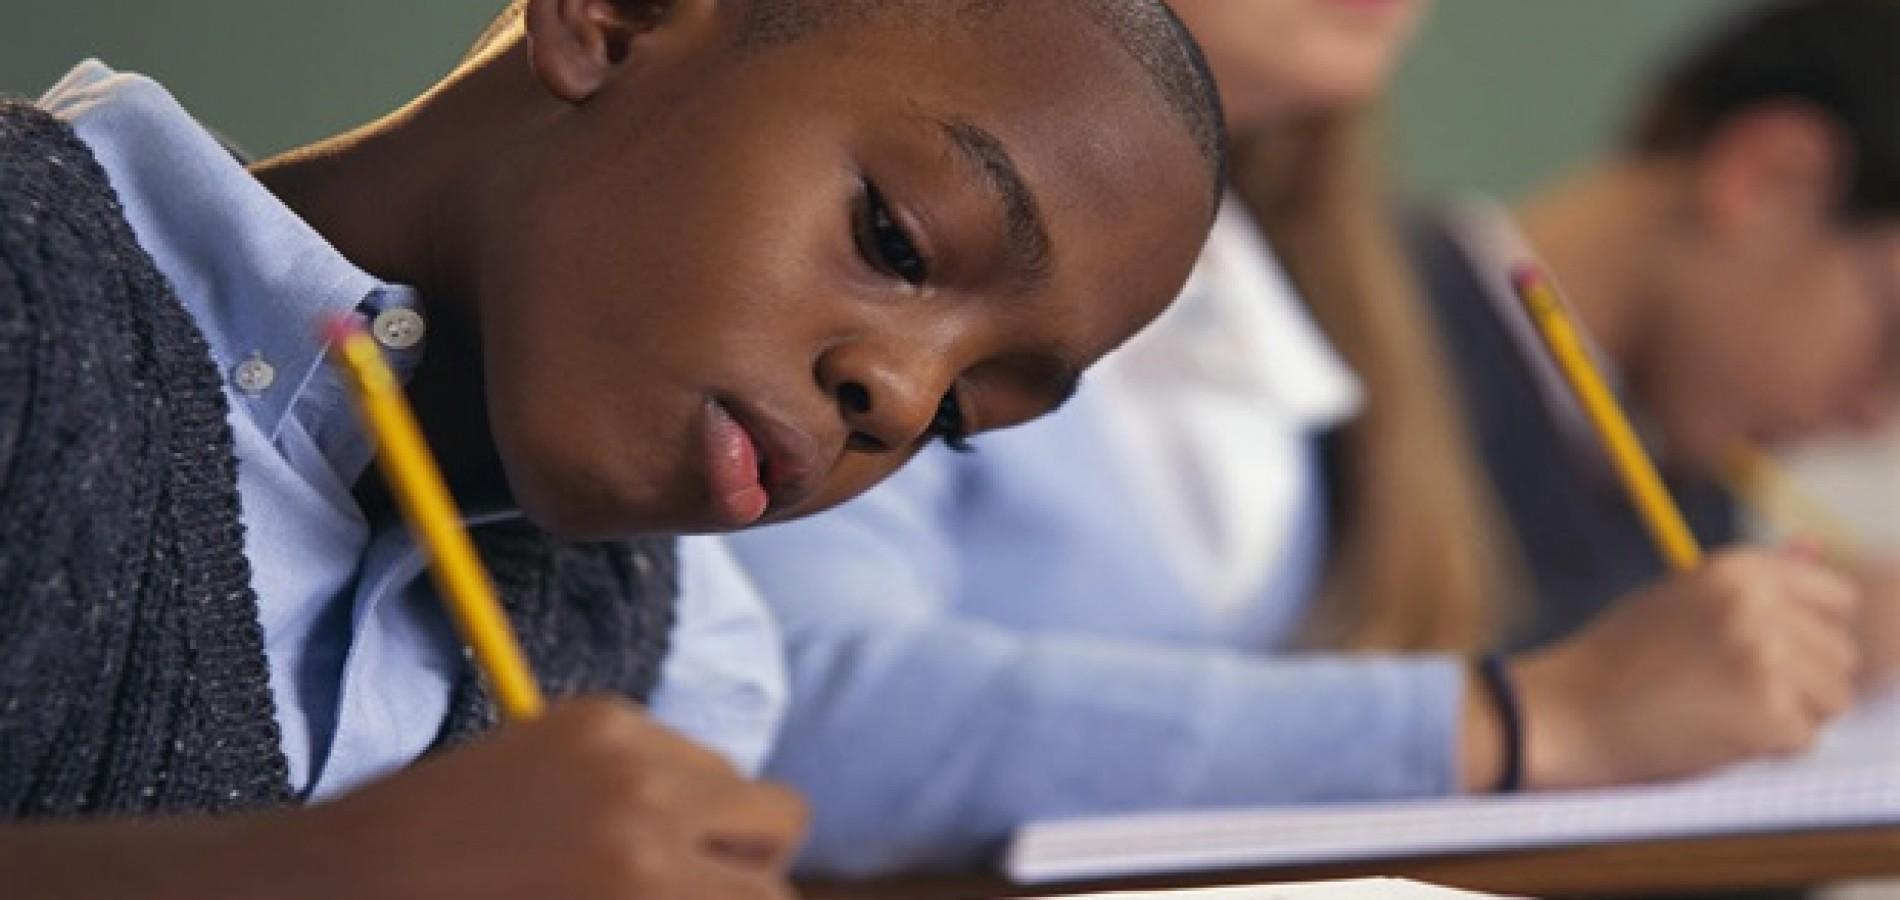 Piauí lidera ranking de crianças matriculadas na rede pública